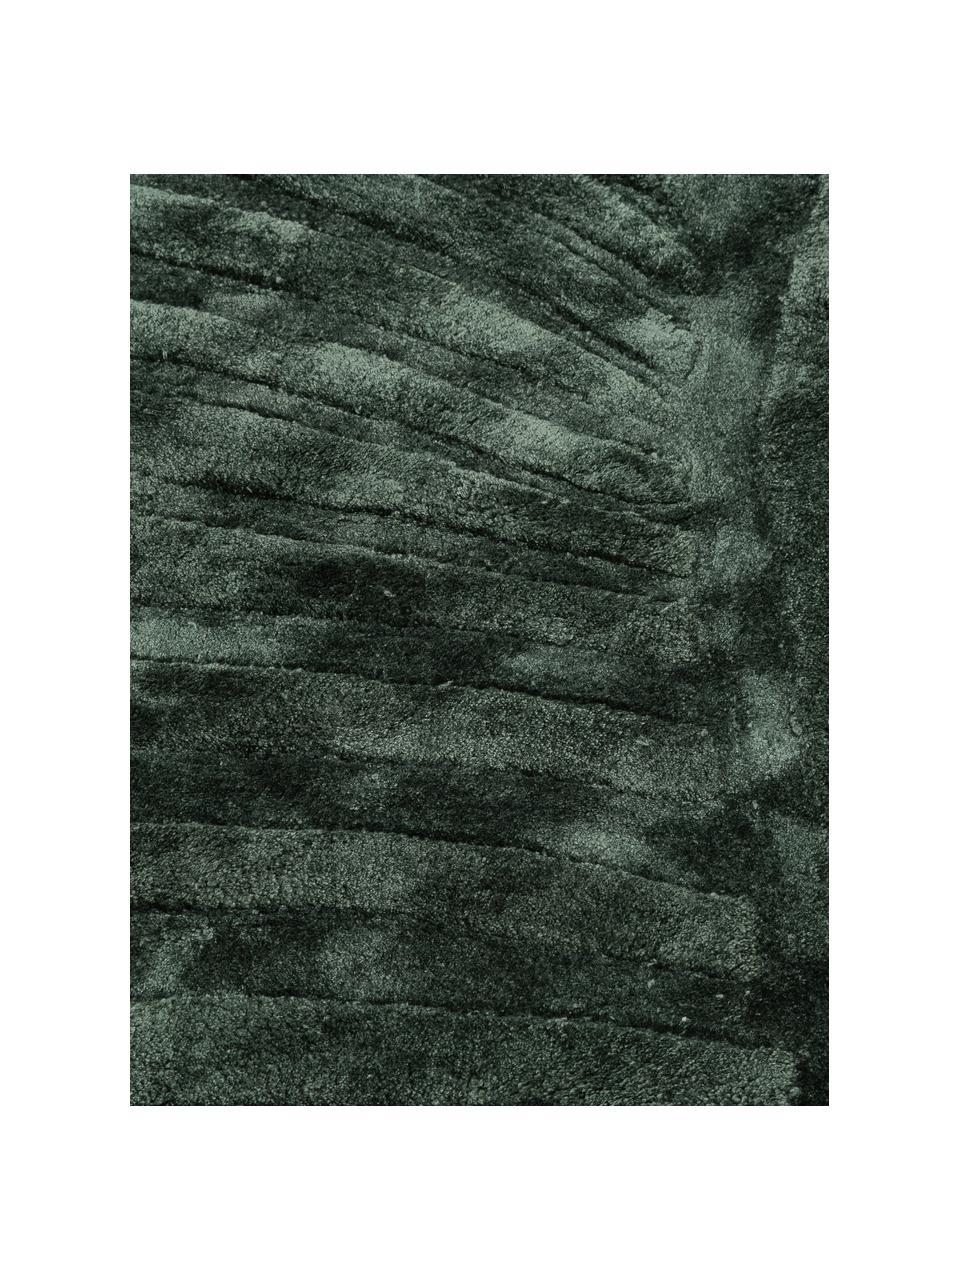 Handgetuft viscose vloerkleed Bloom in donkergroen met patroon, Bovenzijde: 100% viscose, Onderzijde: 100% katoen, Donkergroen, B 120 x L 180 cm (maat S)